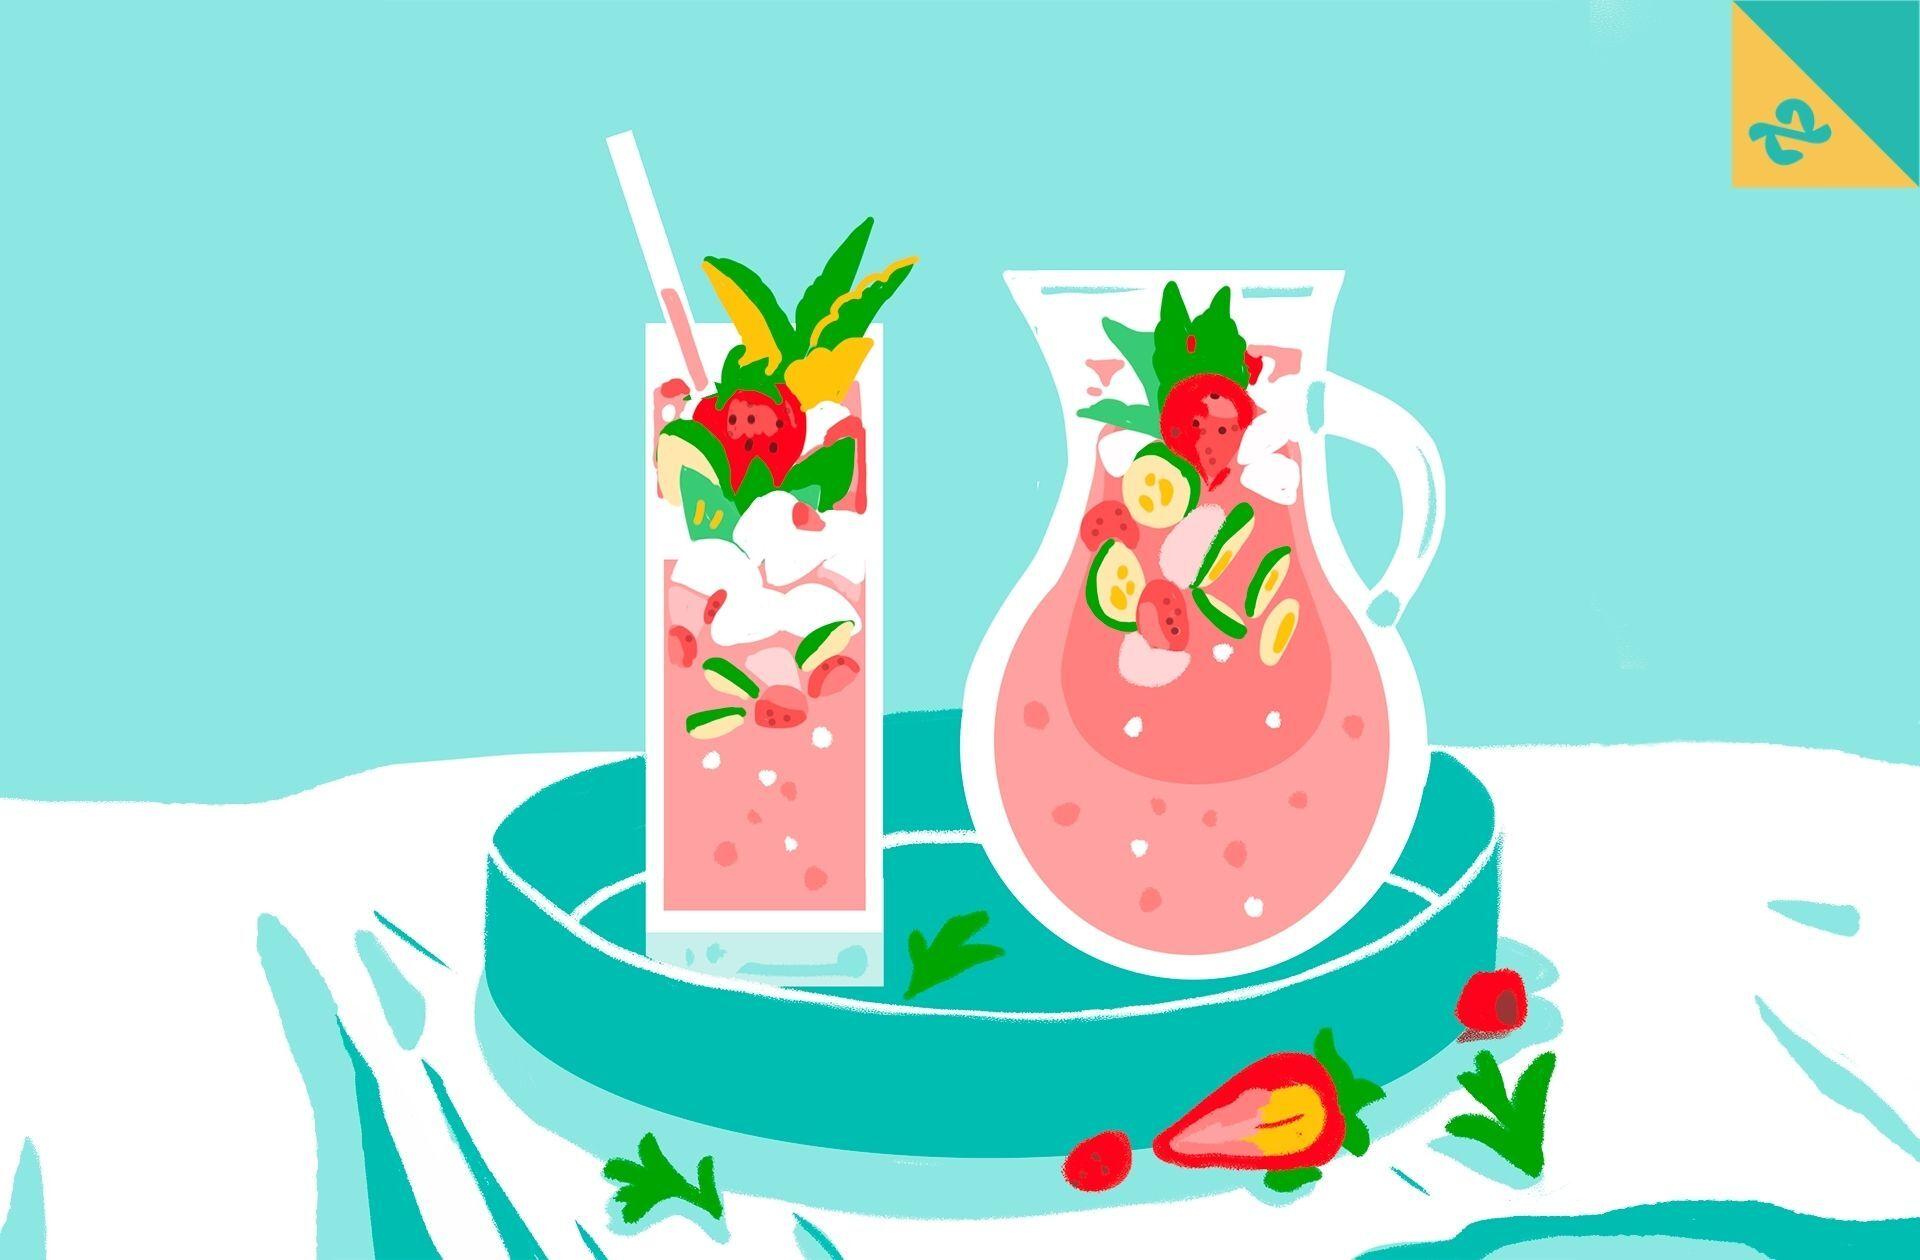 La recette de saison, édition mai:un jus de fruits rouges plein de fraîcheur